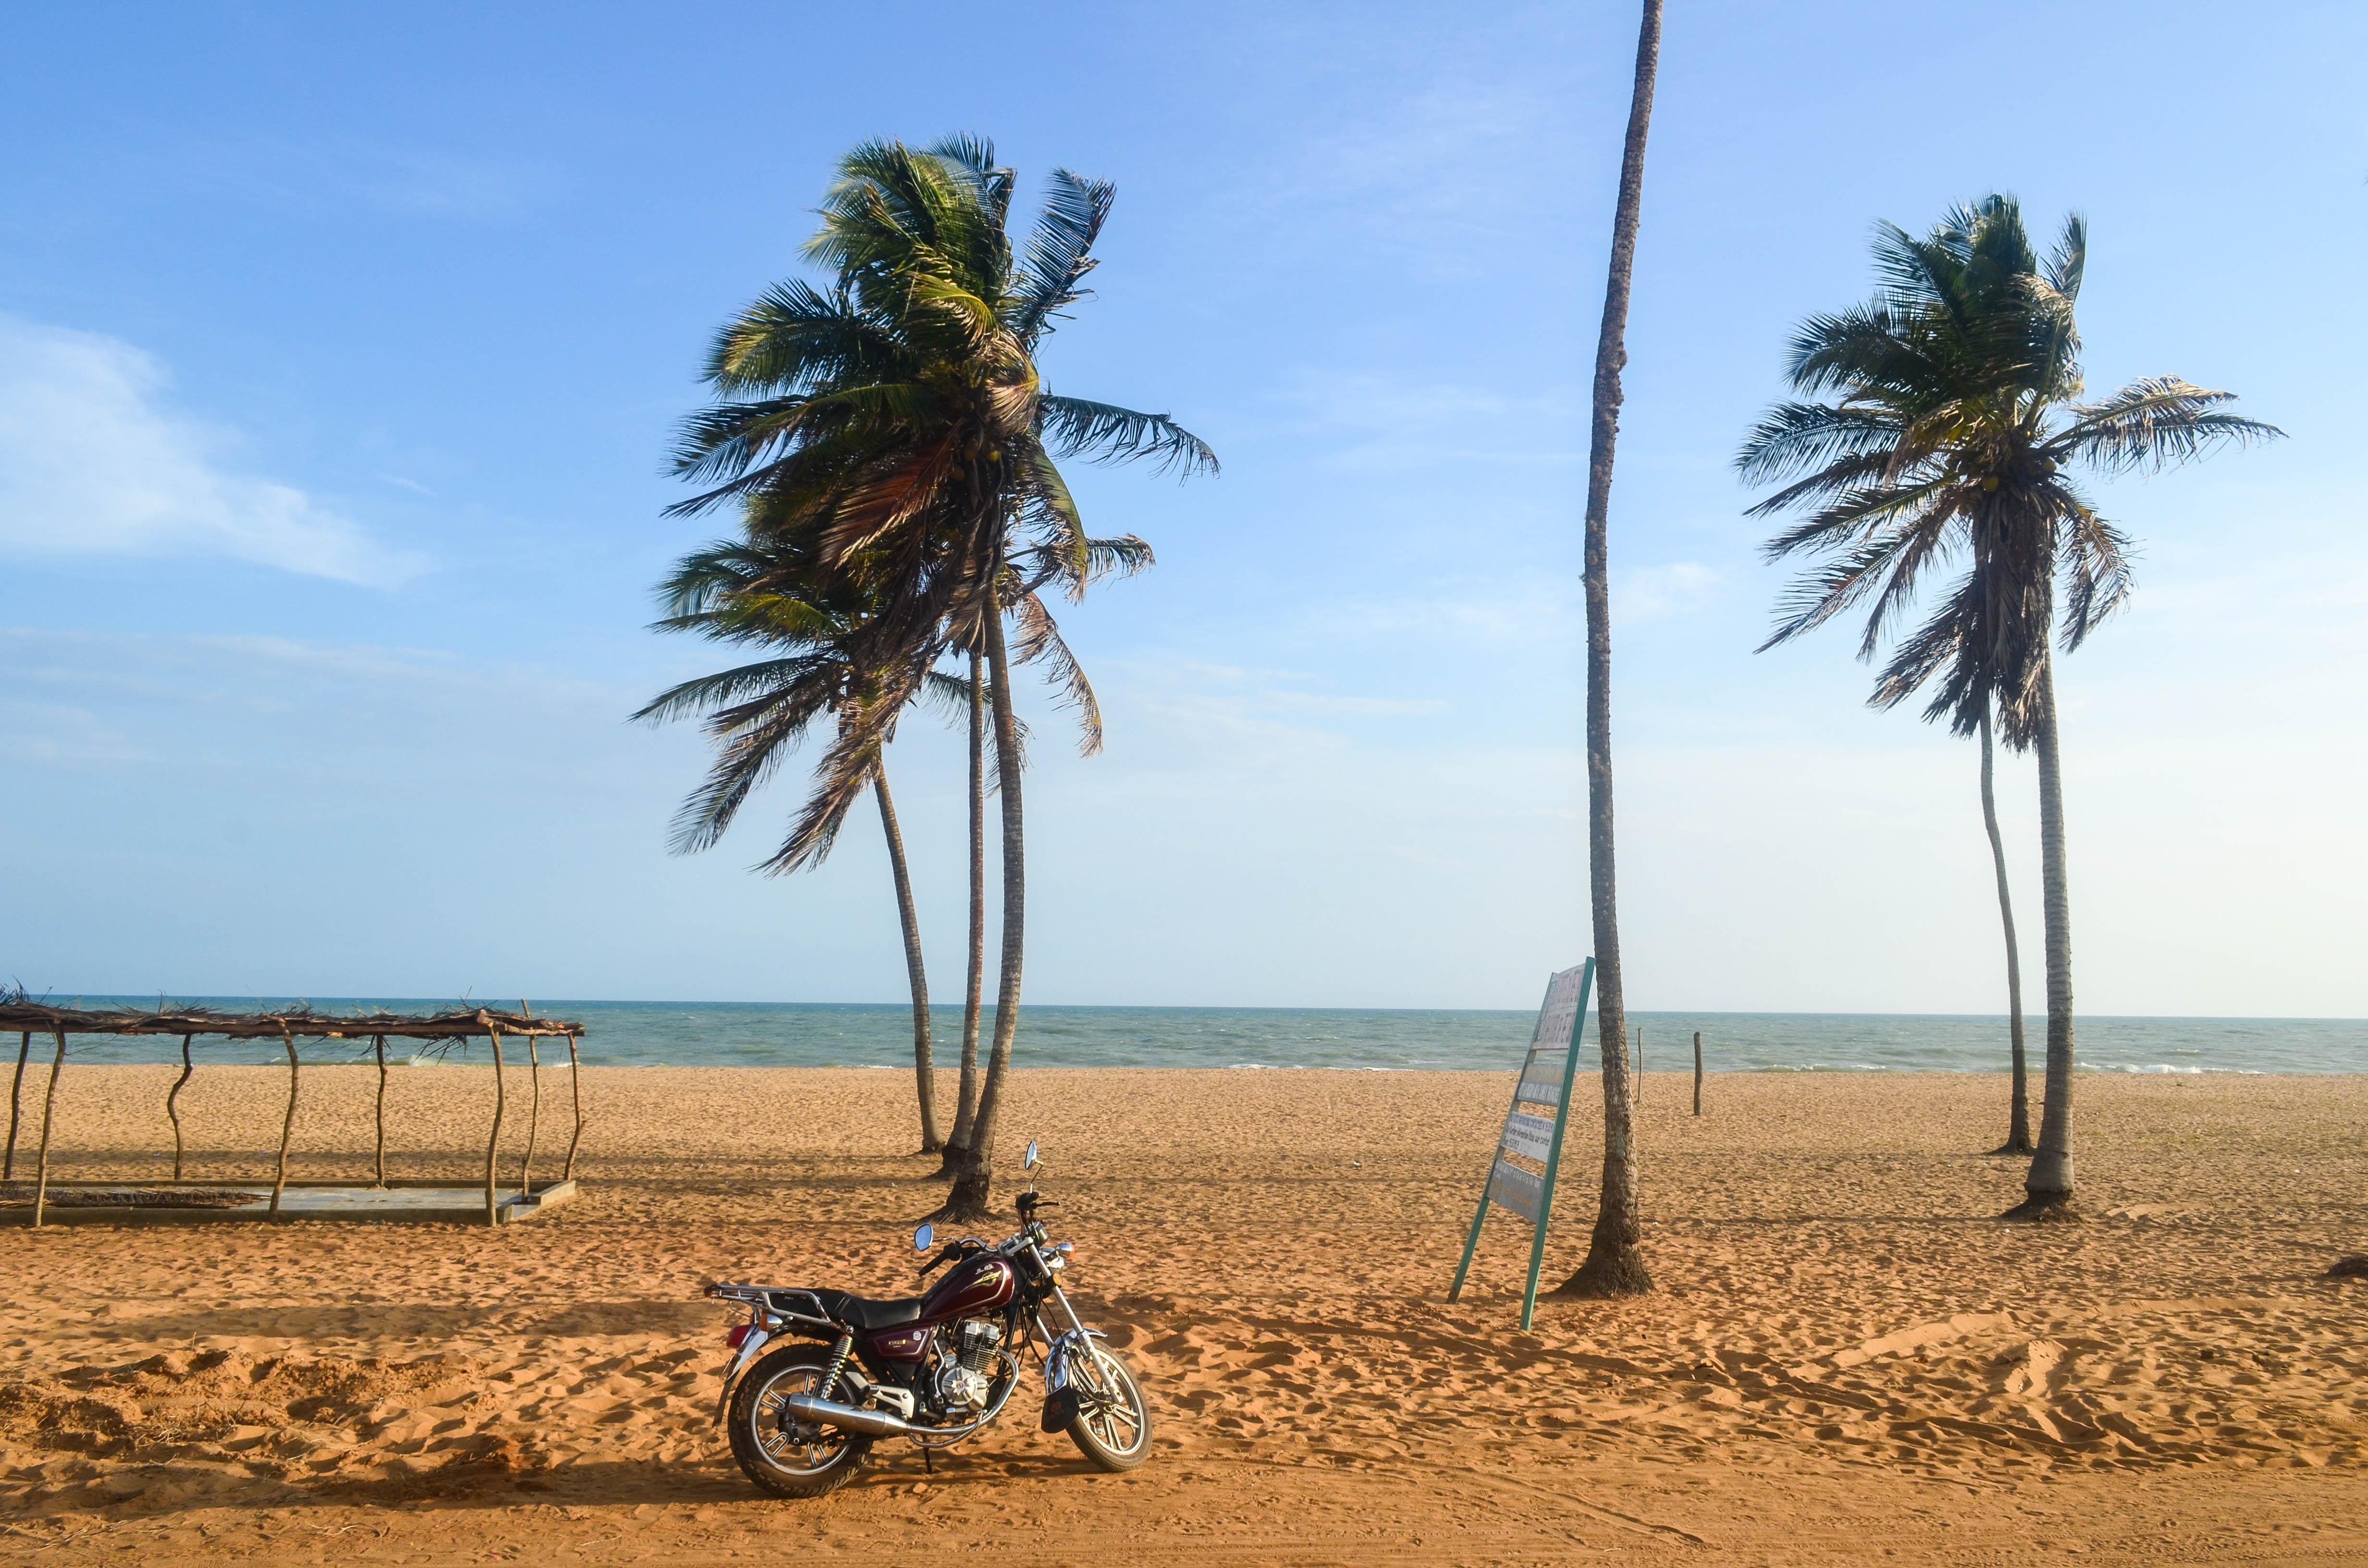 Plage de Ouidah Benin.jpg